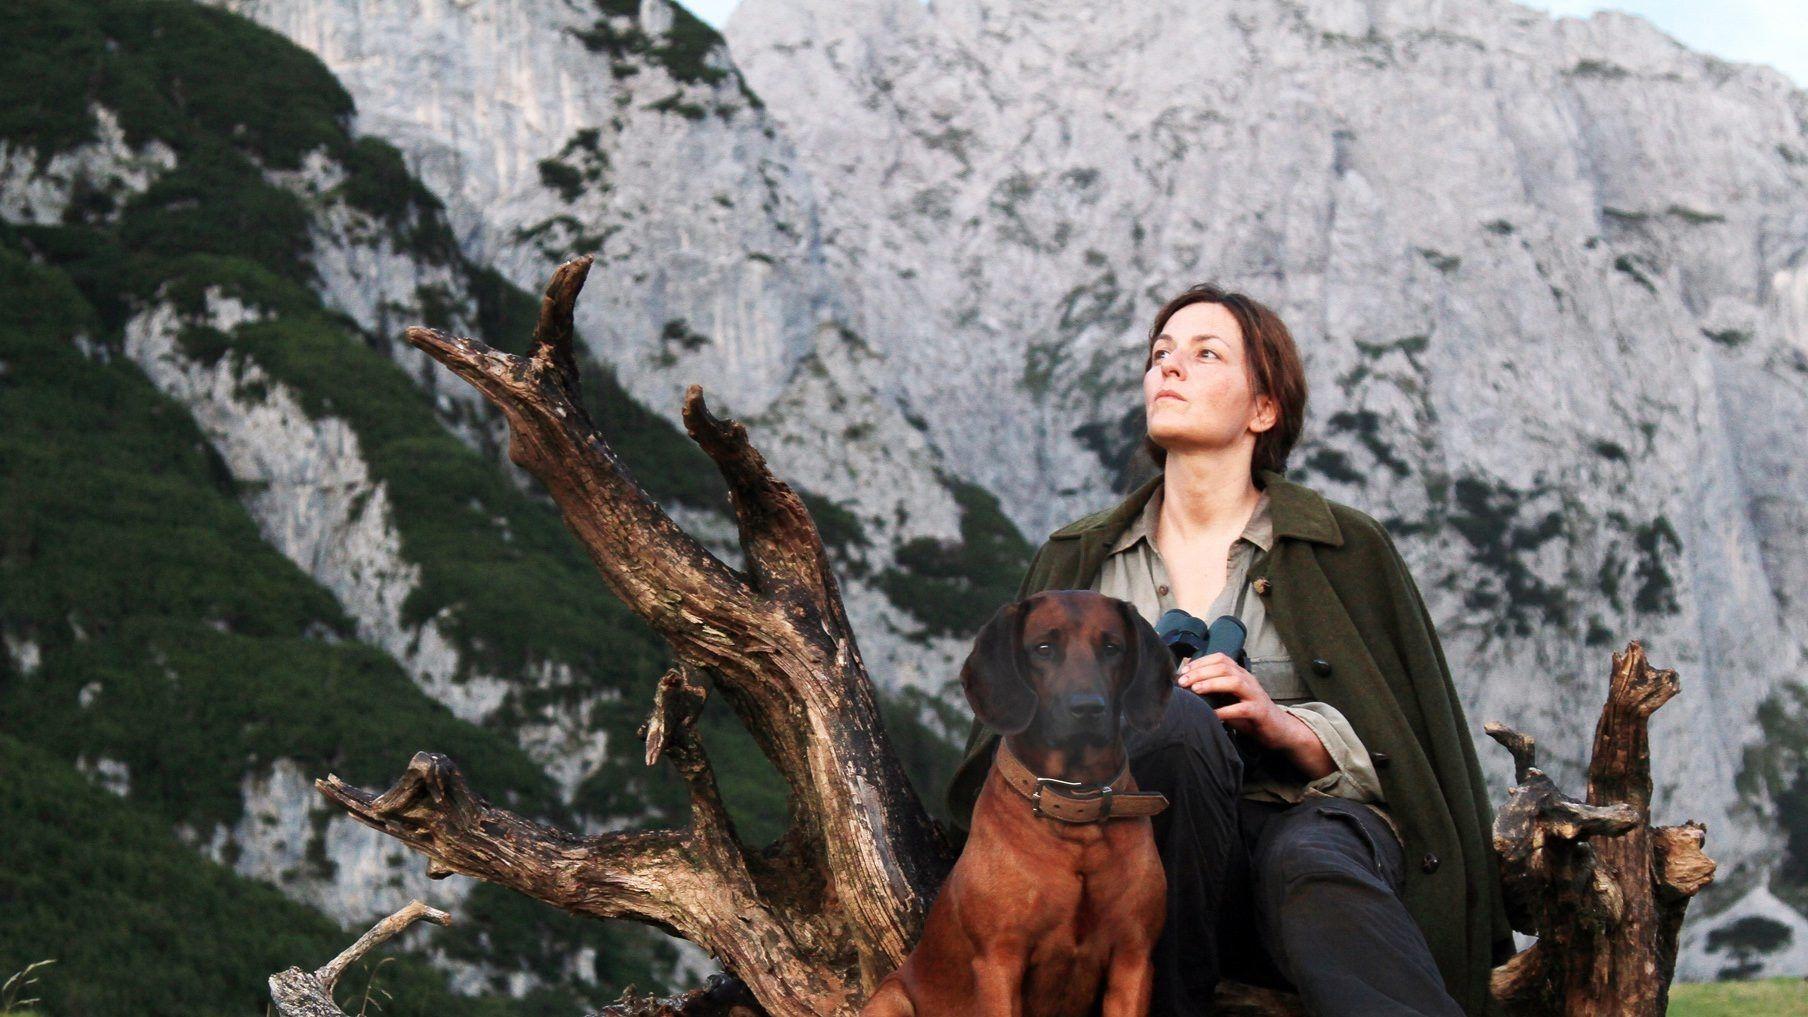 Der Filmausschnitt zeigt die Schauspielerin Martina Gedeck mit Hund, sitzend vor imposanter Bergkulisse.